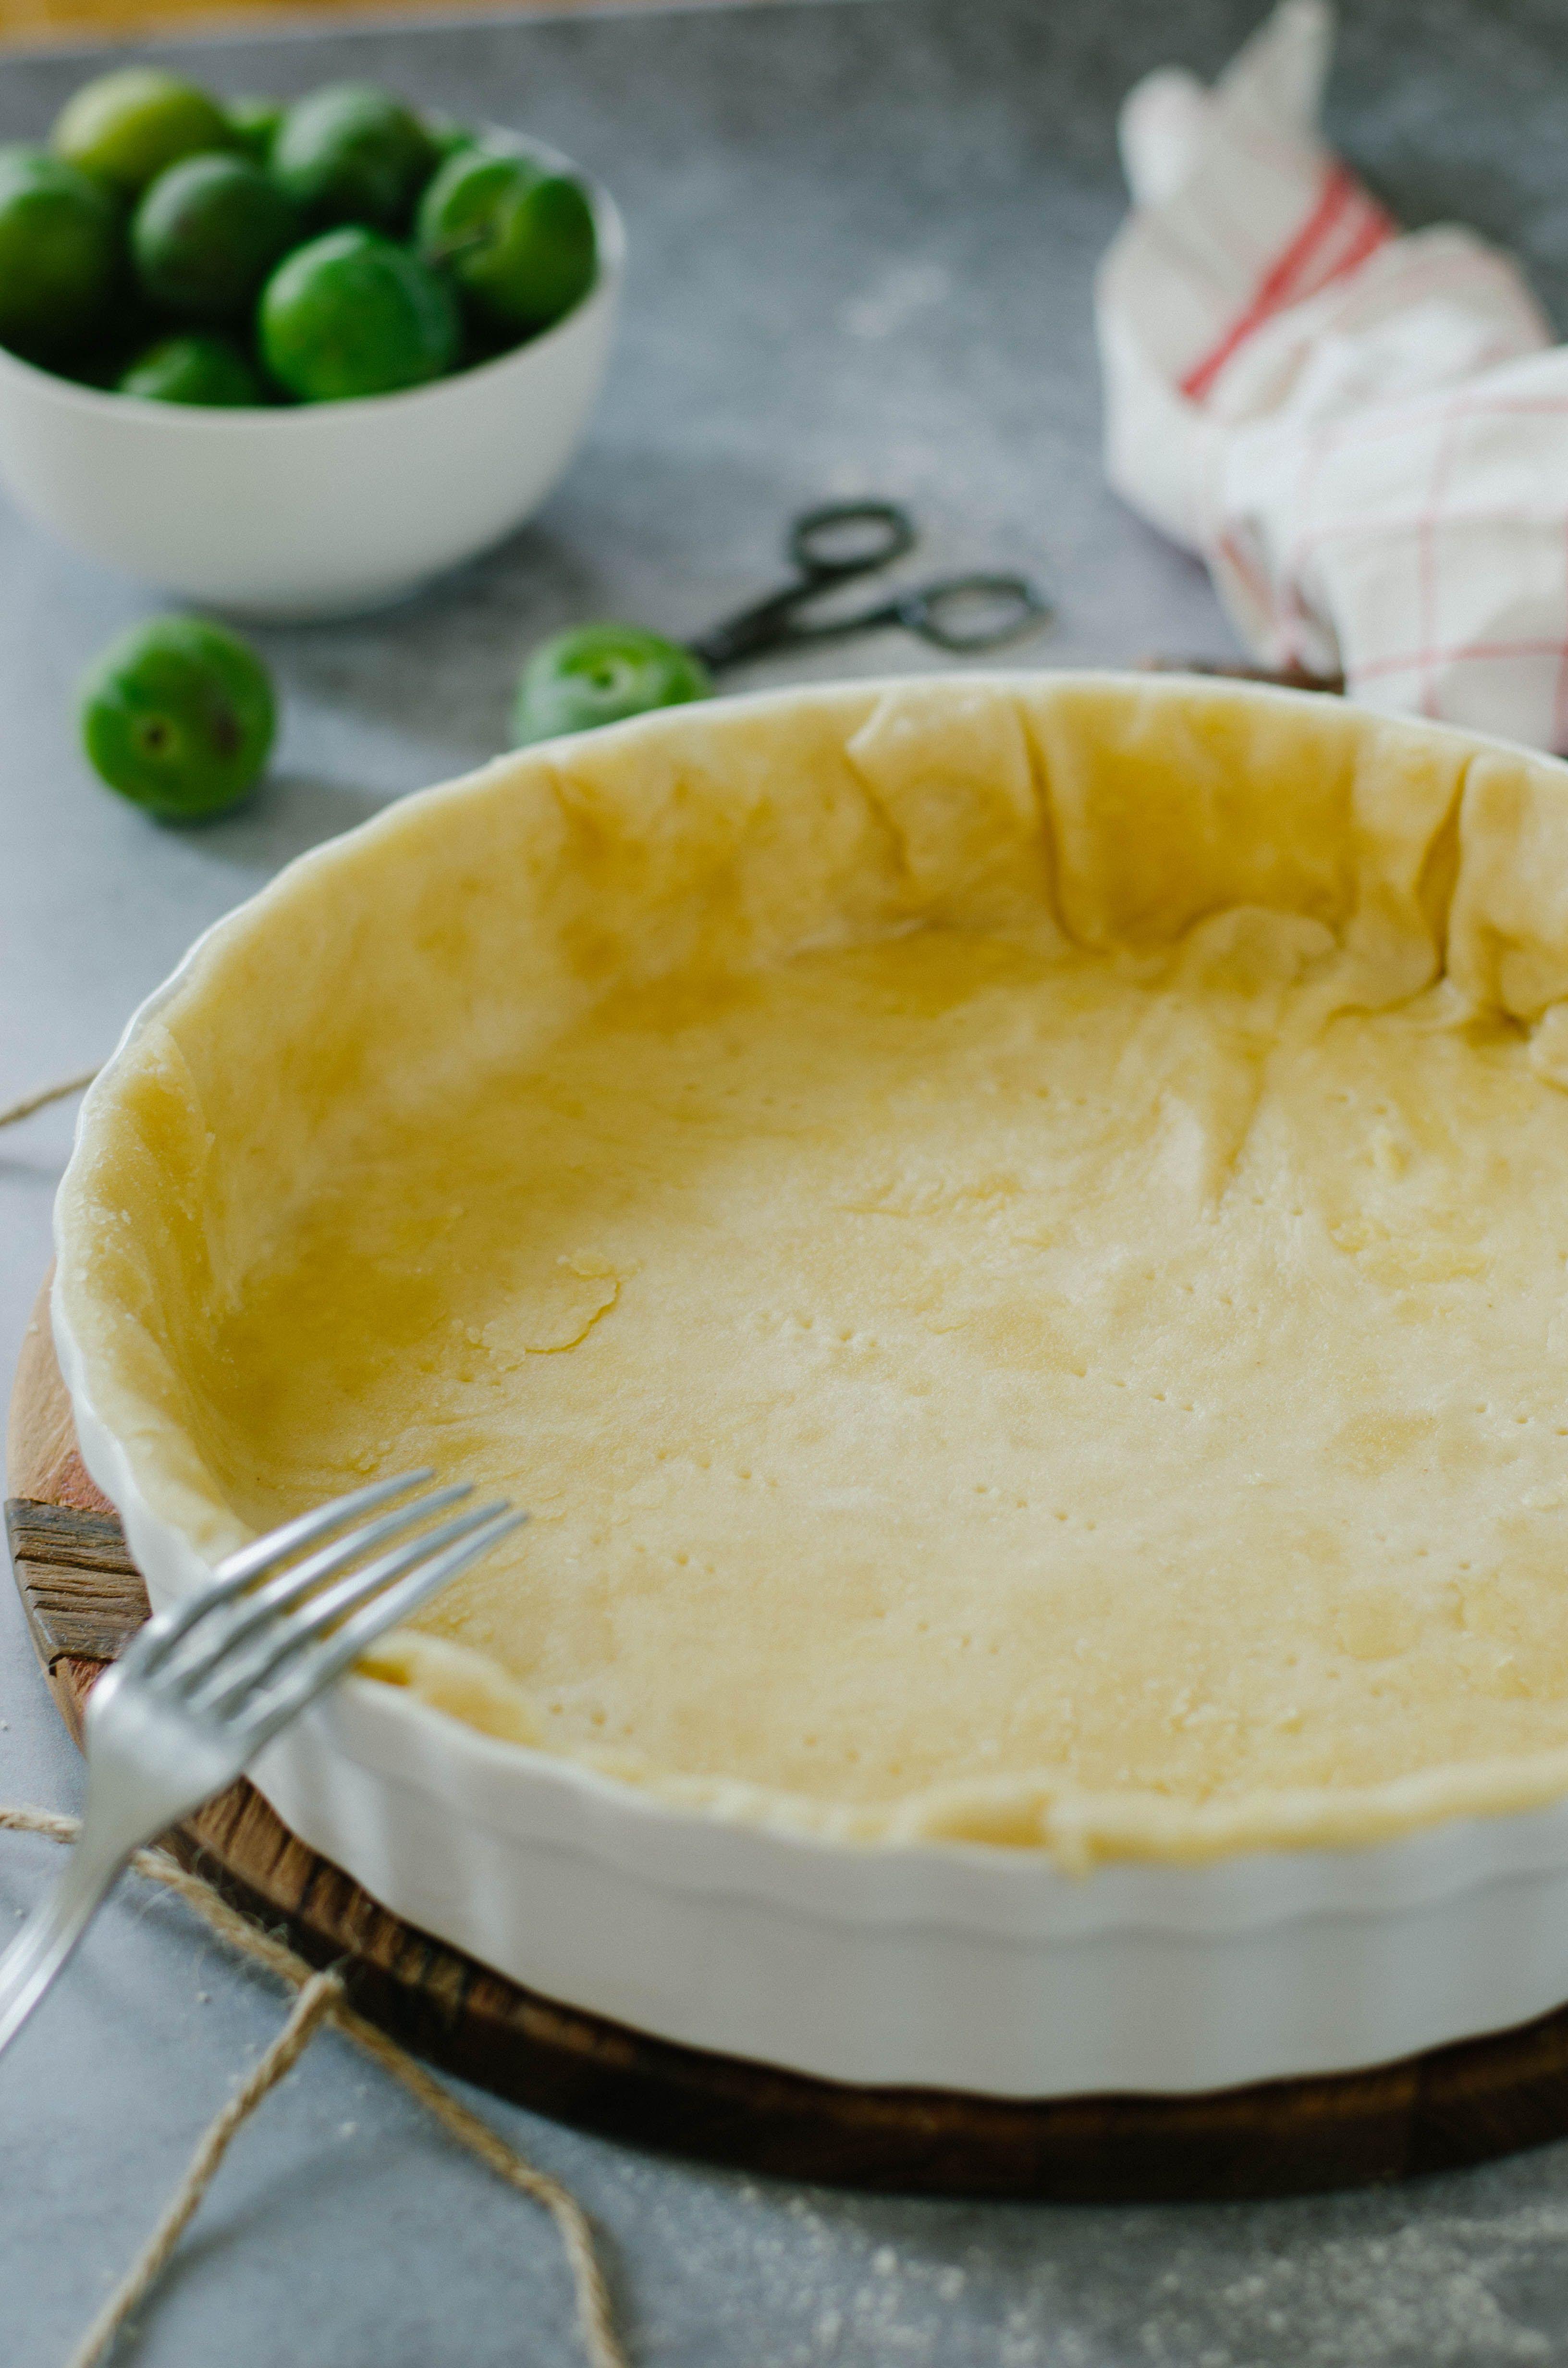 Pate A Tarte Sans Beurre : tarte, beurre, Pâte, Tarte, Beurre, {recette, Facile, Rapide}, Cuisine, Recette, Pate,, Facile,